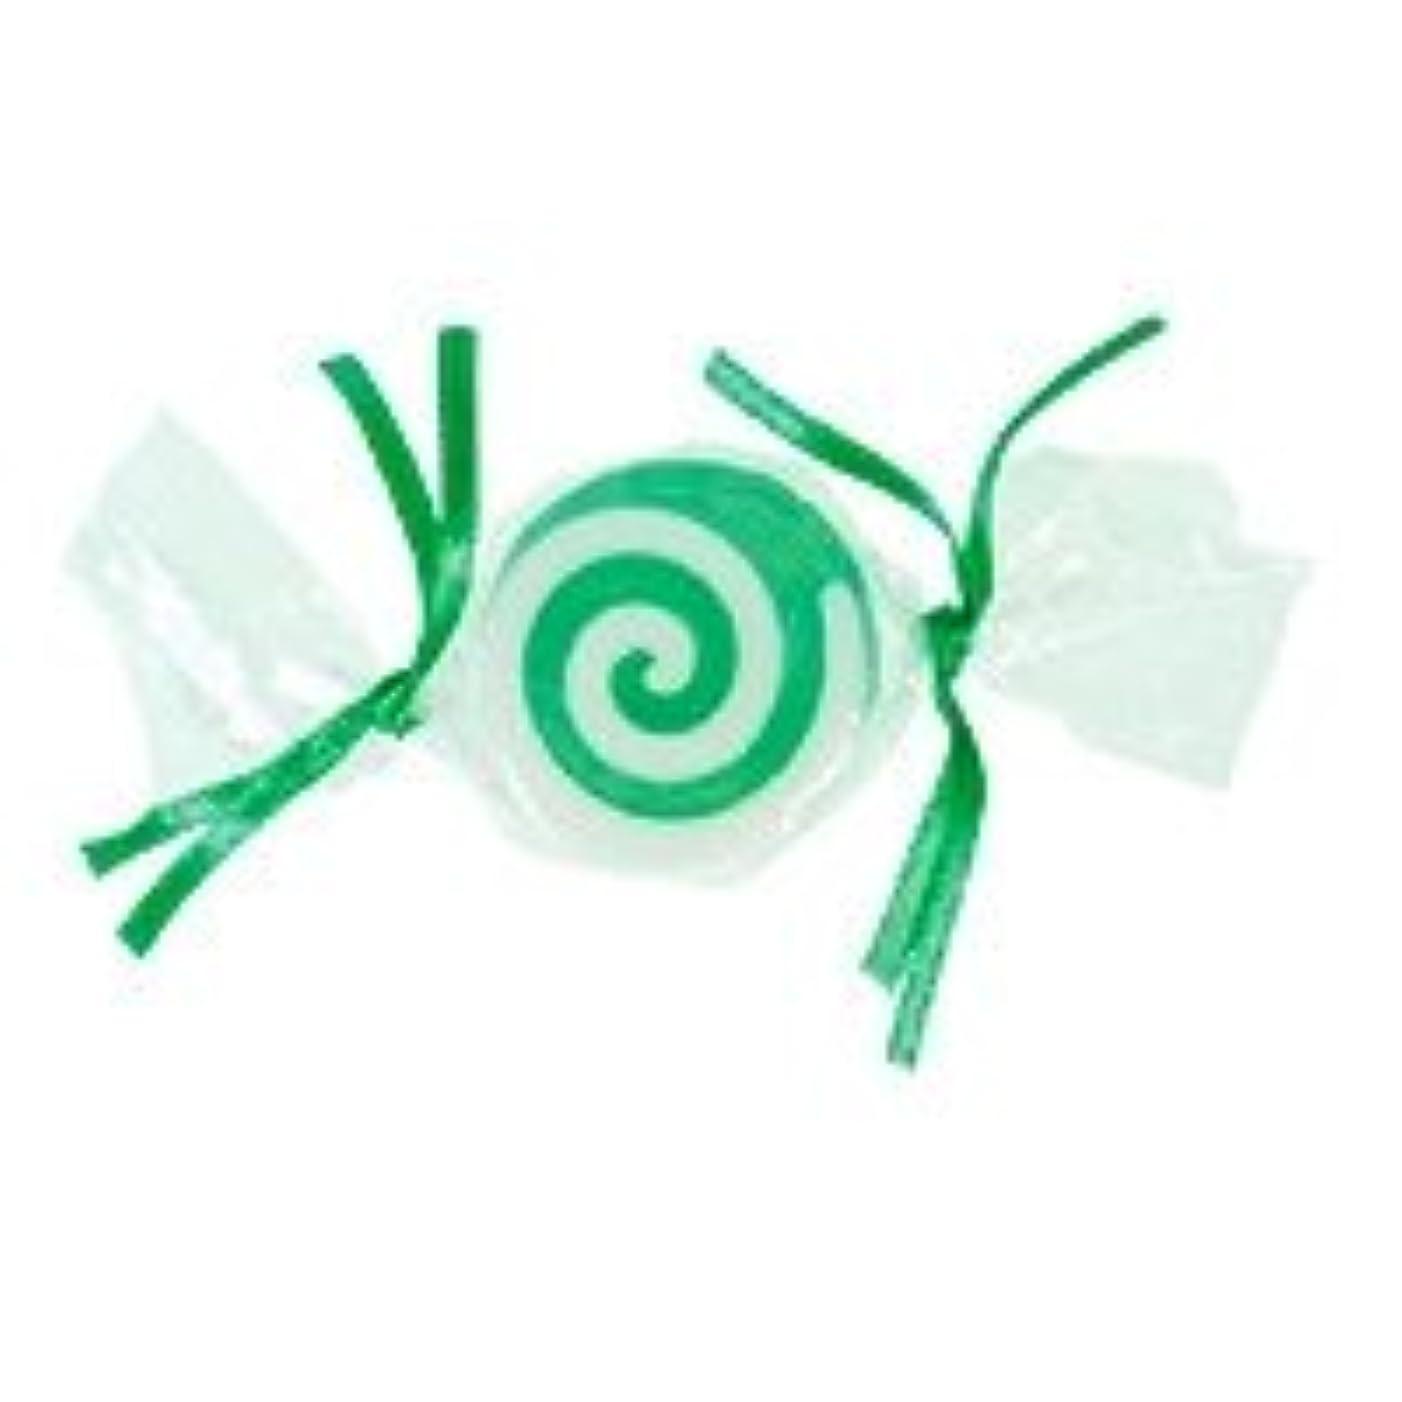 戦闘請求に向けて出発ベジタブルソープ キャンディ「グリーン」20個セット グリーンアップルの香り